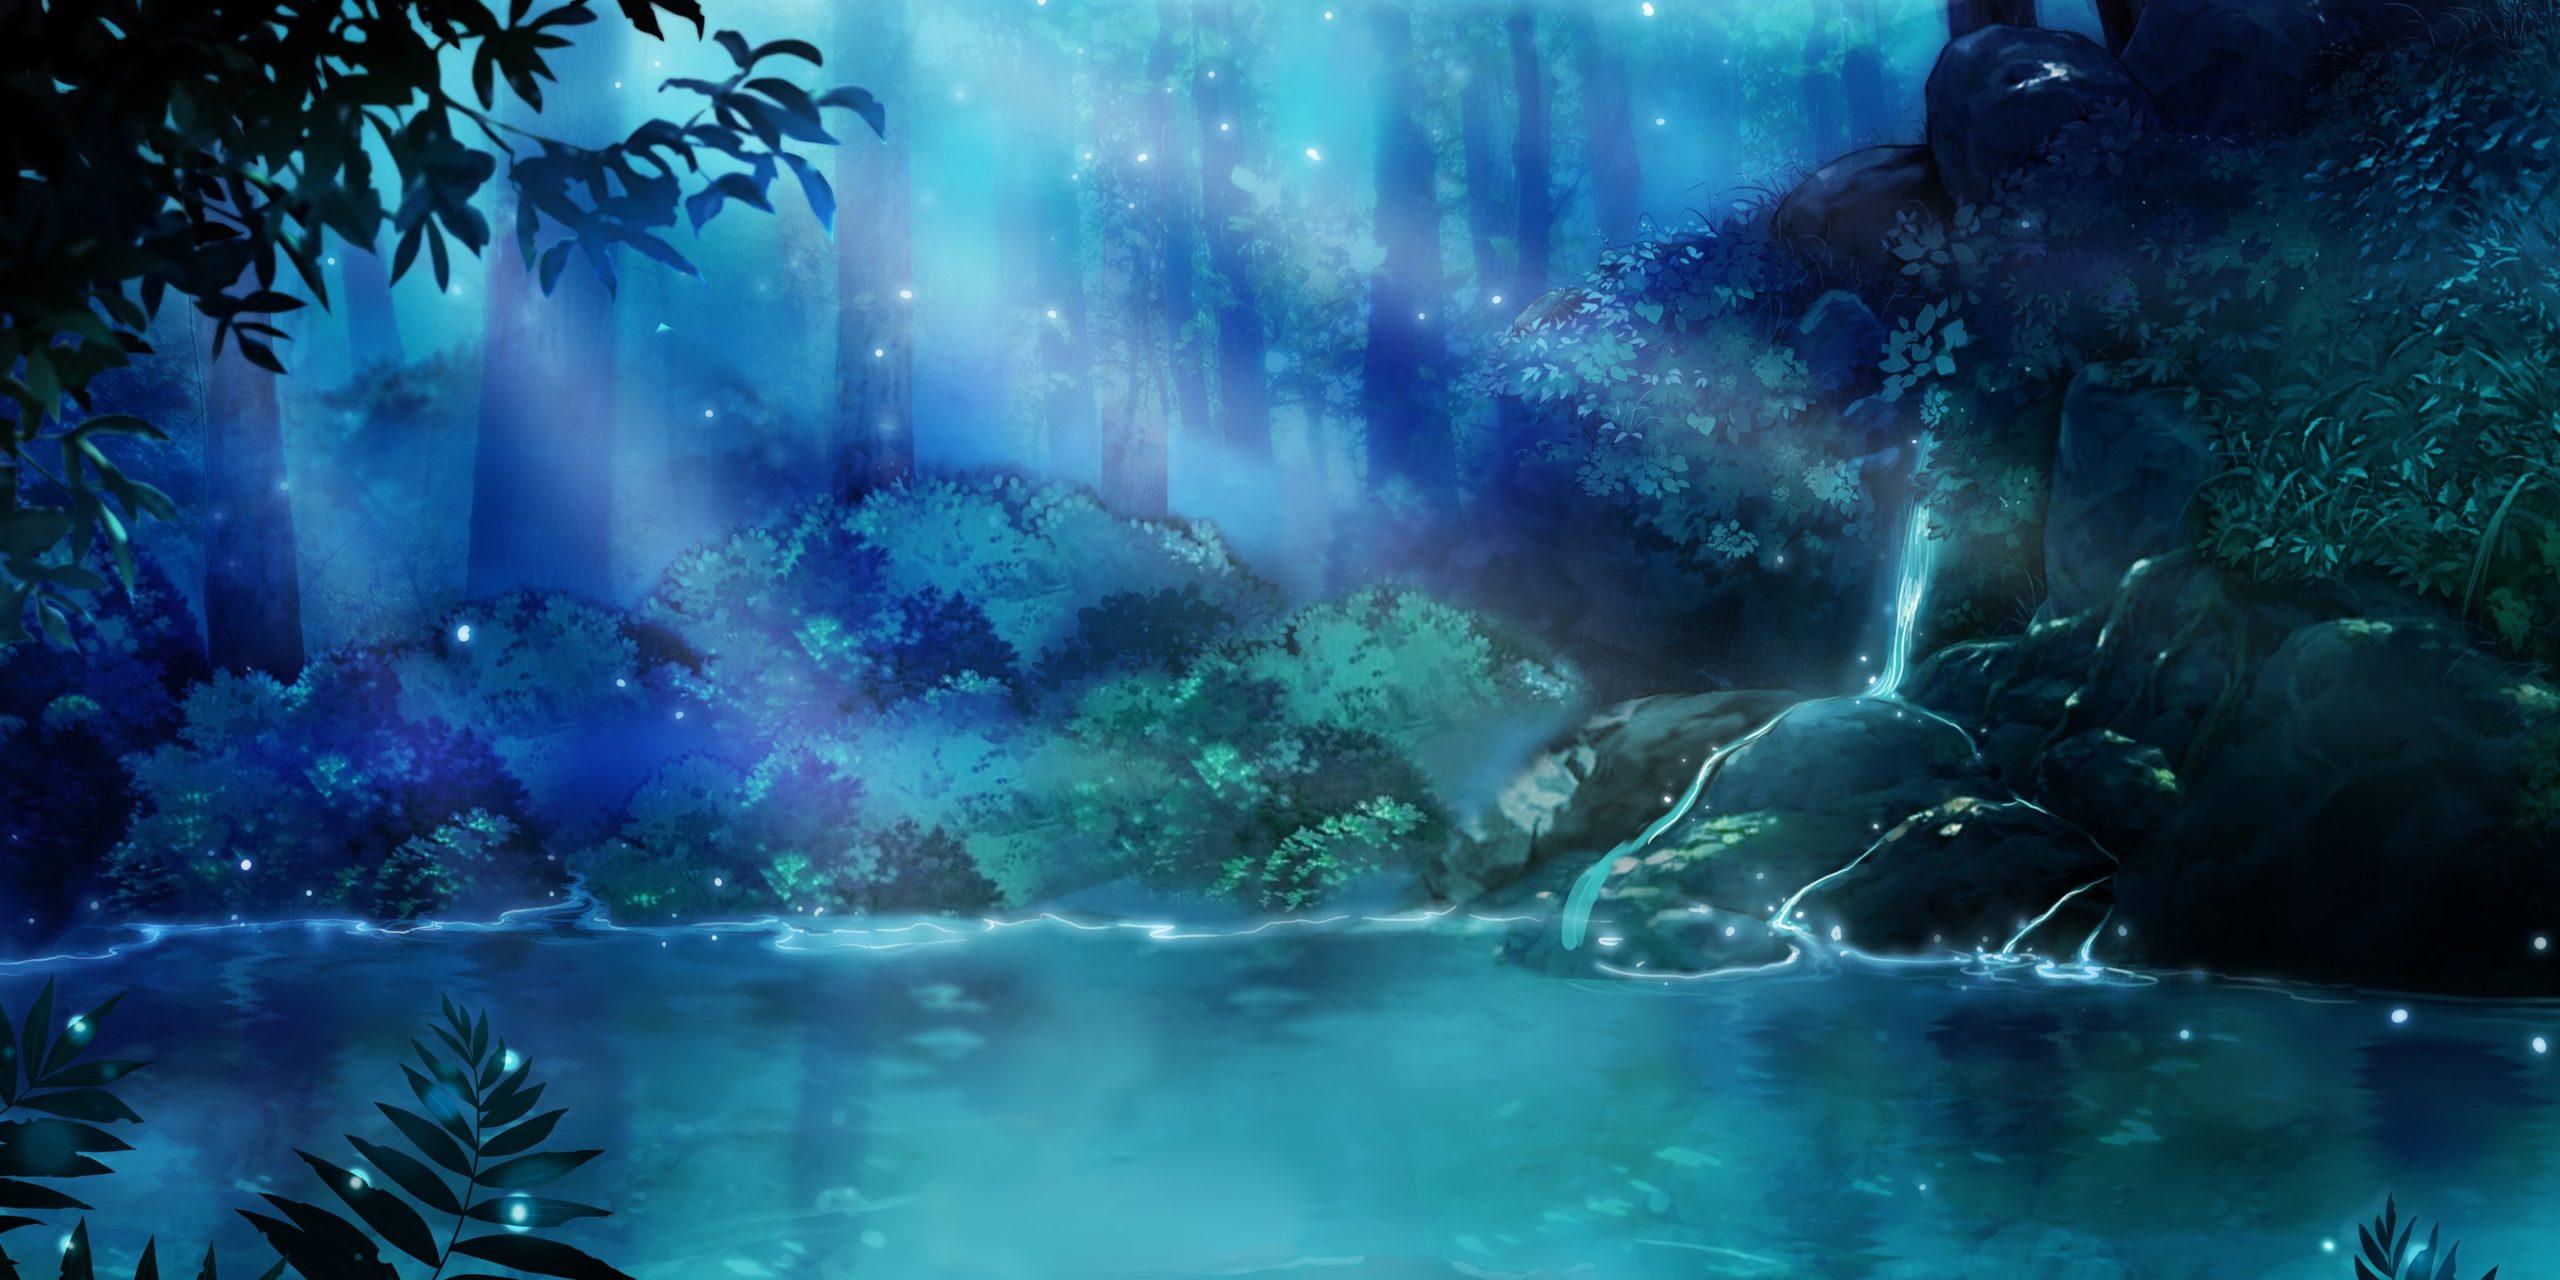 Sebastian personnage de Is It Love et vue d'une cascade